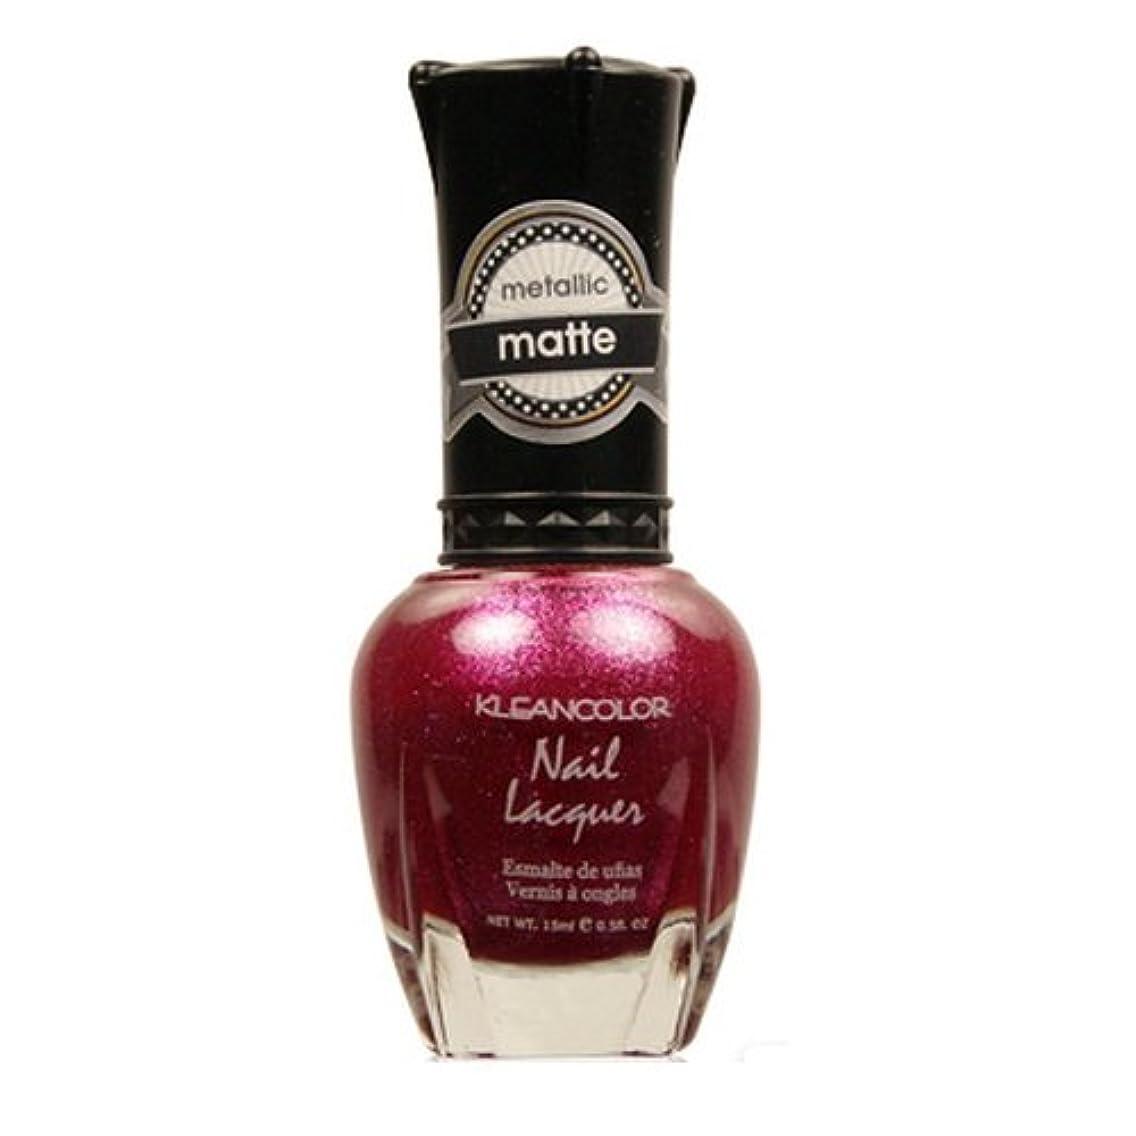 飲み込む和らげるKLEANCOLOR Matte Nail Lacquer - Cast a Love Spell (並行輸入品)